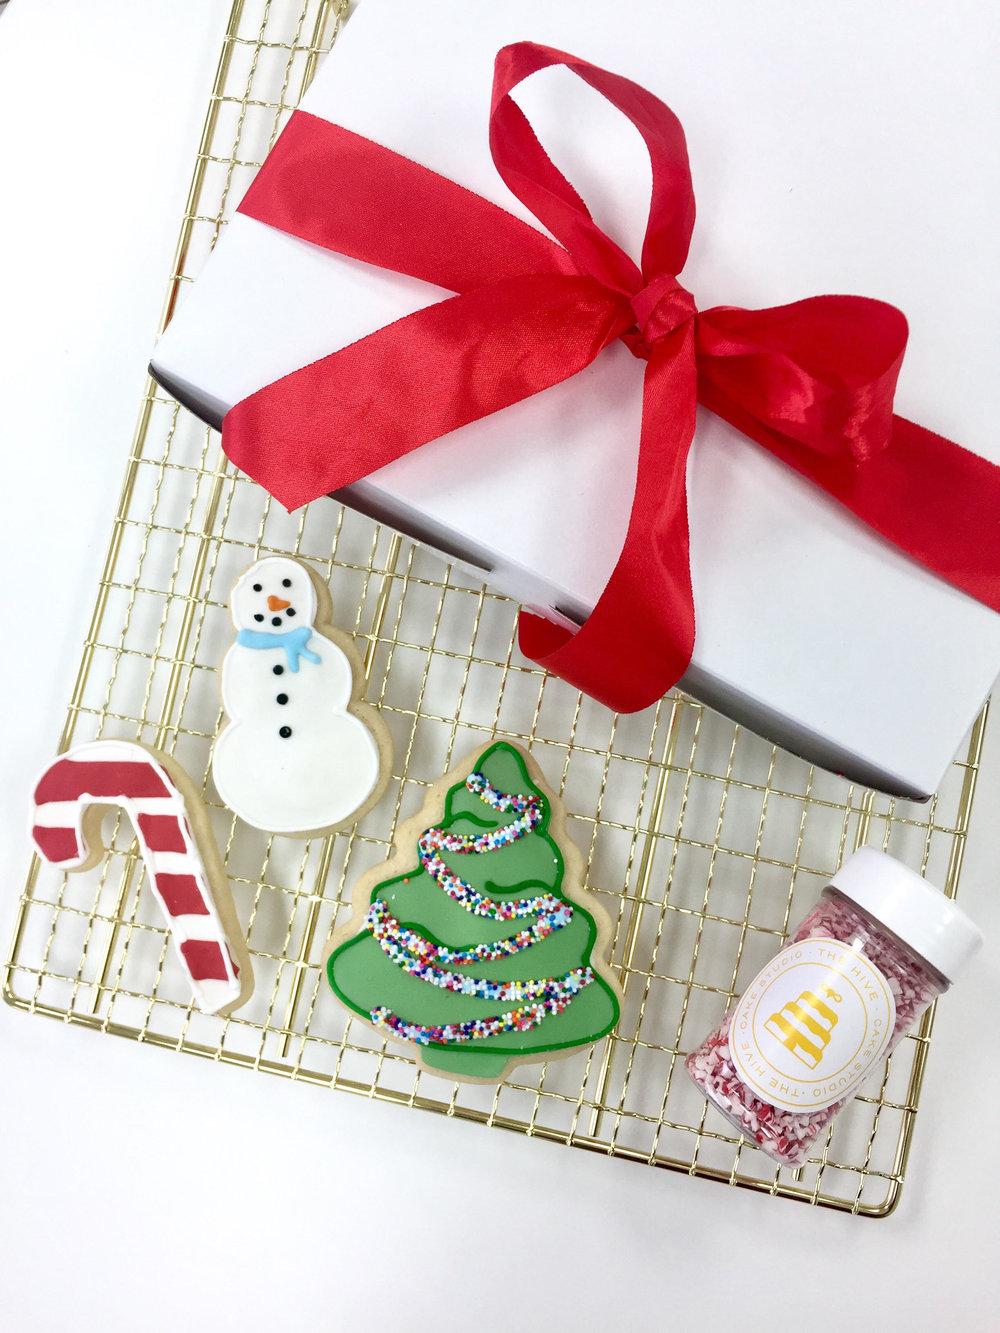 diy cookie kit.jpg